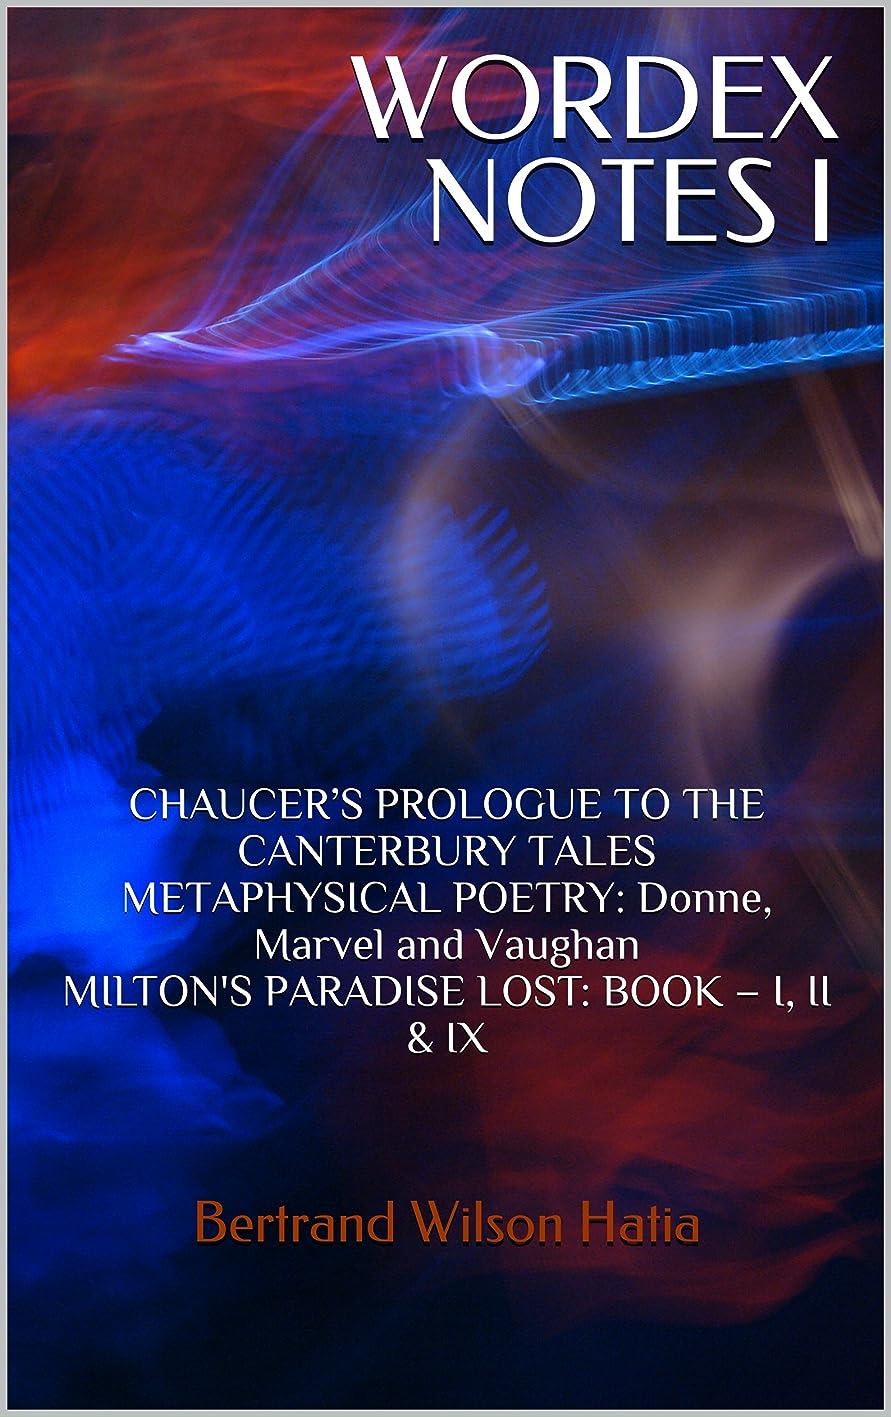 バング遺跡とんでもないWORDEX NOTES I: CHAUCER'S PROLOGUE TO THE CANTERBURY TALES METAPHYSICAL POETRY: Donne, Marvel and Vaughan MILTON'S PARADISE LOST: BOOK – I, II & IX (CHAUCER'S ... LOST BOOK I, II & IX 1) (English Edition)